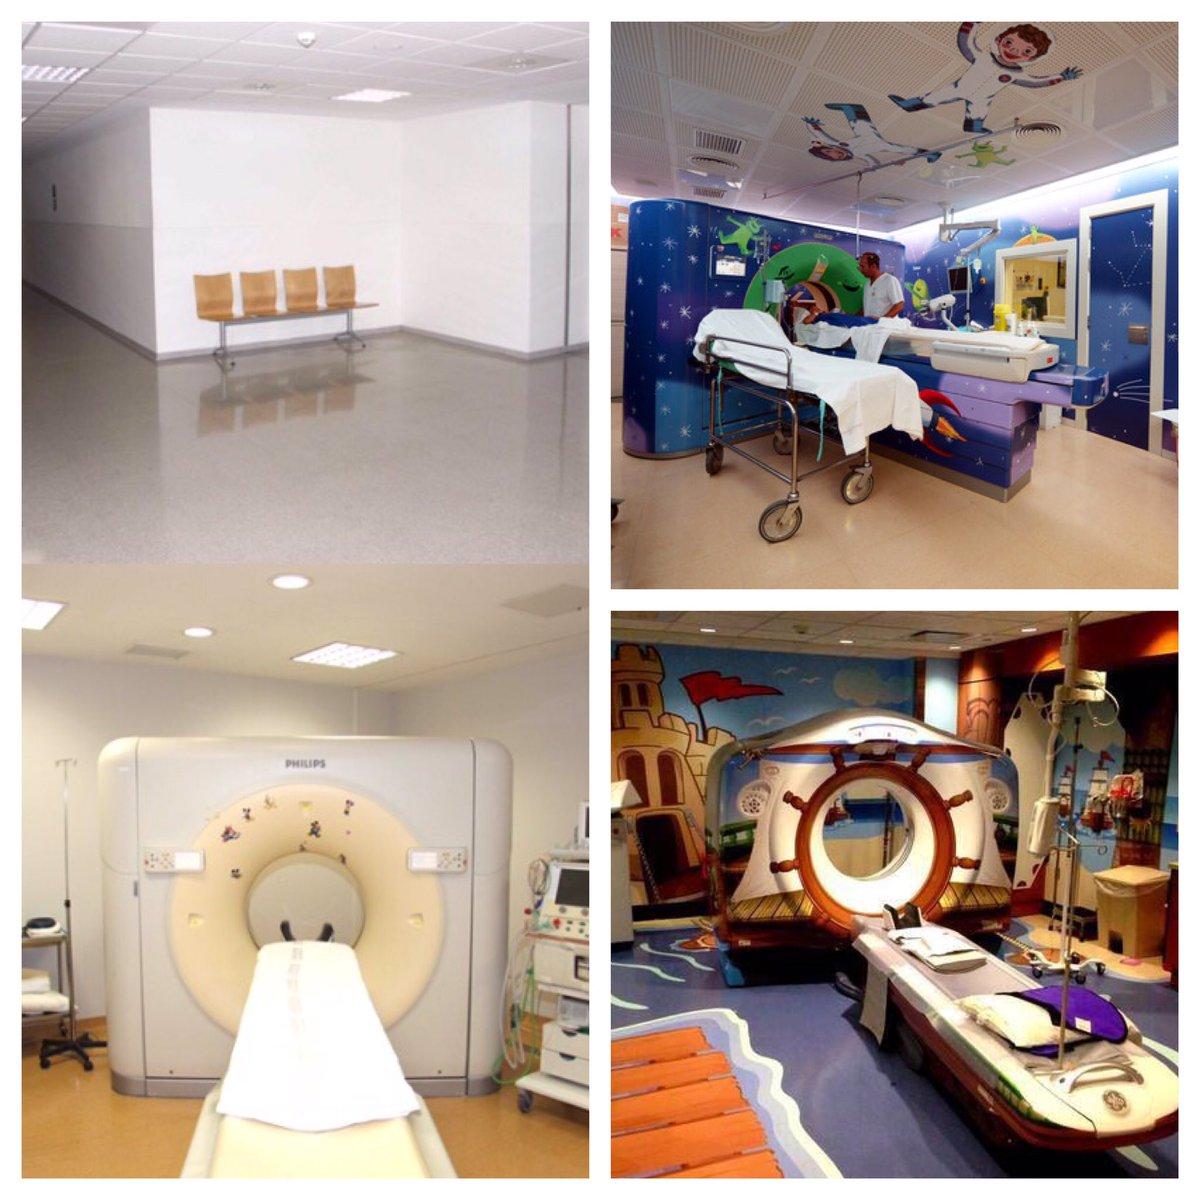 Buscamos empresas que nos ayuden a convertir la sala TAC de @HospitalLaFe en algo mágico ¿Nos ayudáis a difundir? https://t.co/FZvoKNaakY